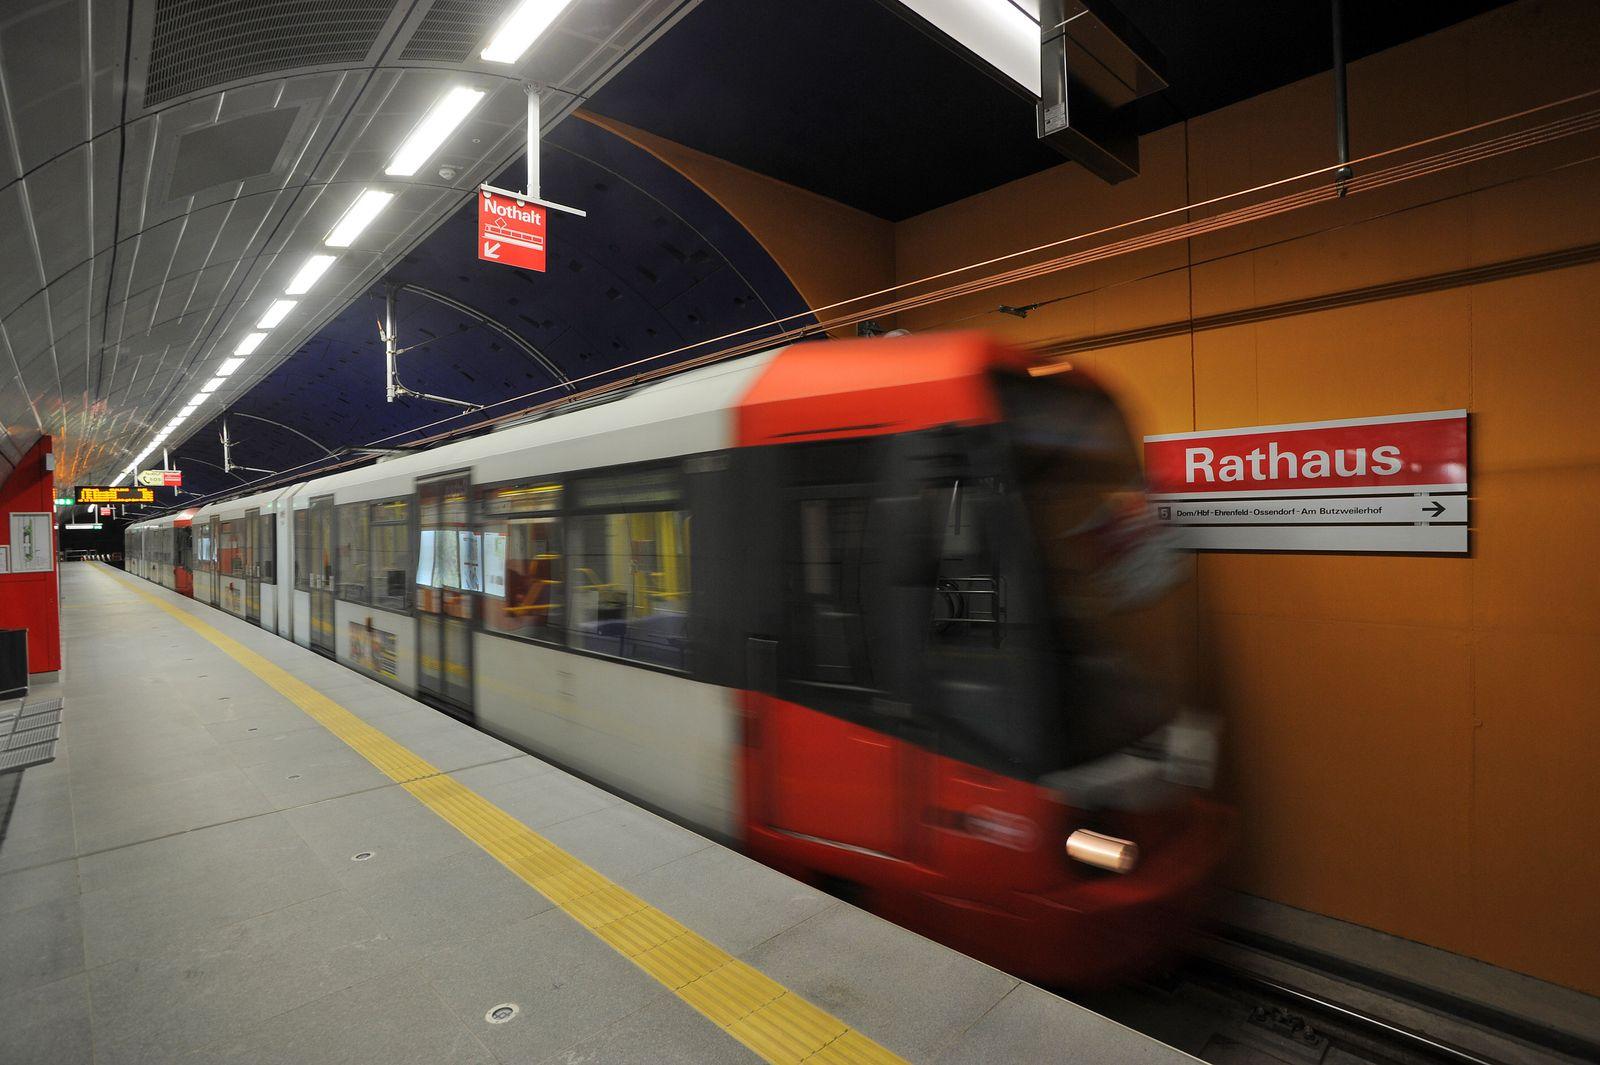 Dom/ U-Bahn